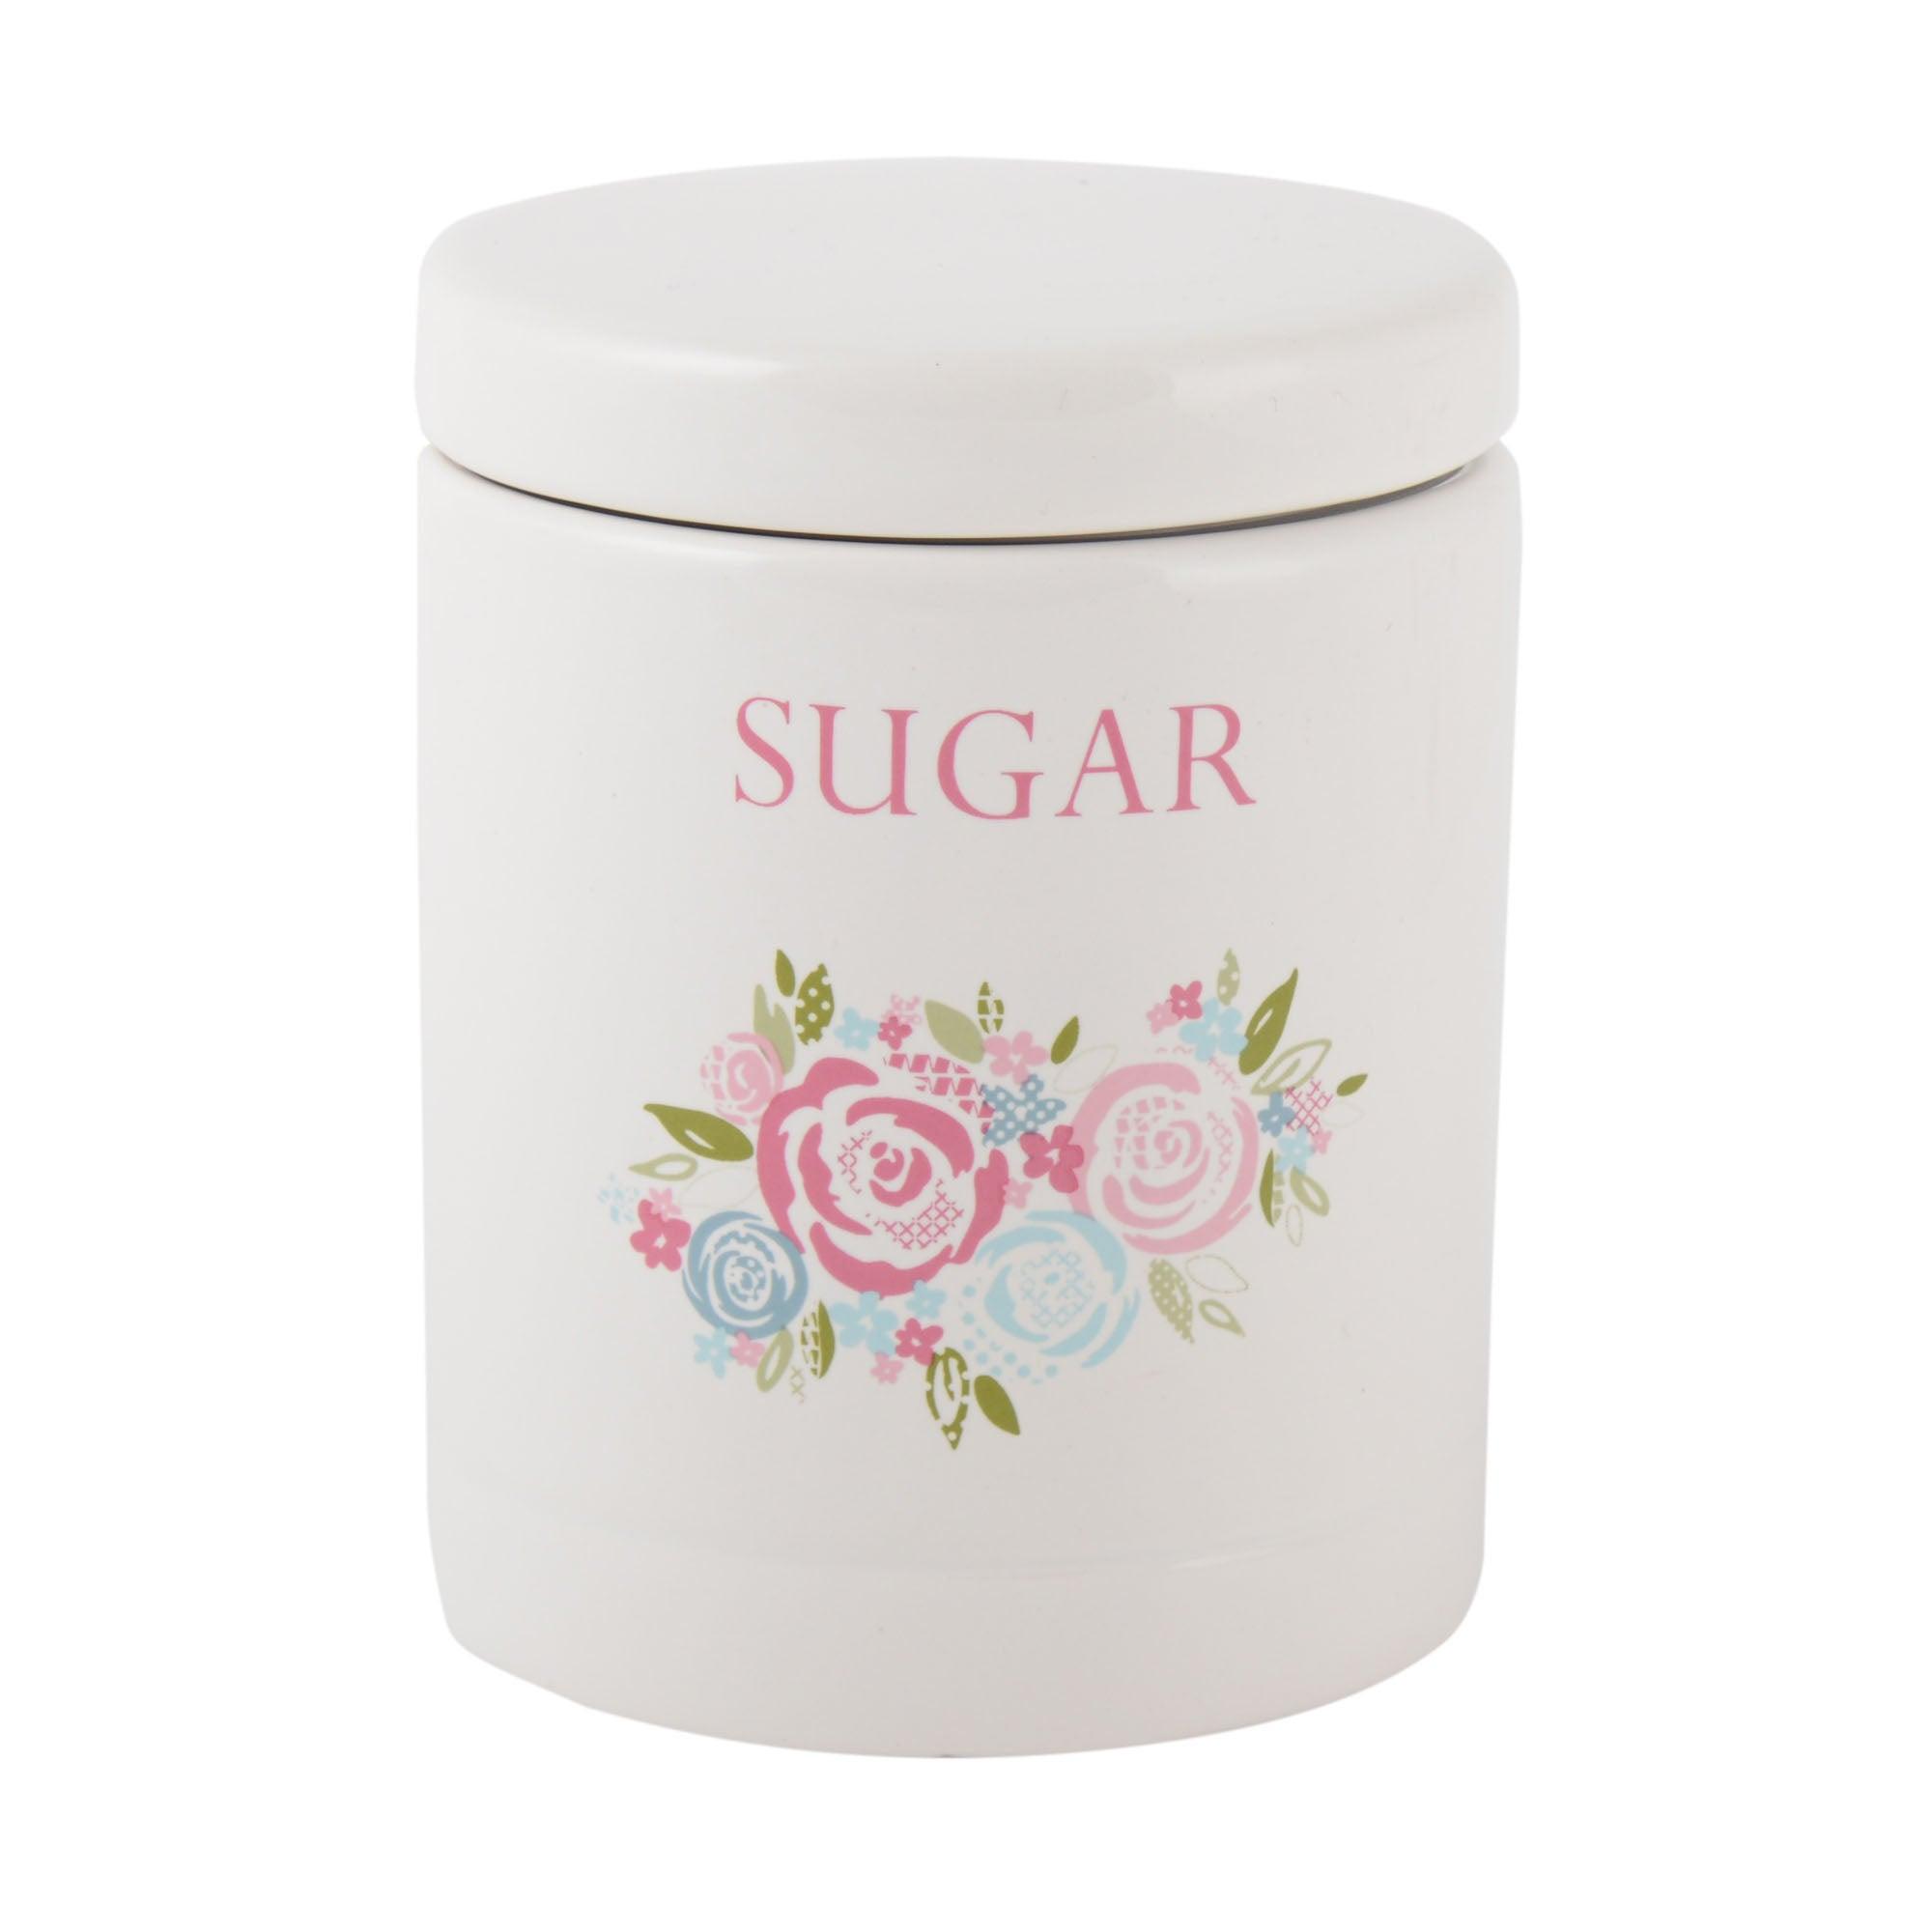 Image of Candy Rose Sugar Storage Jar Pink